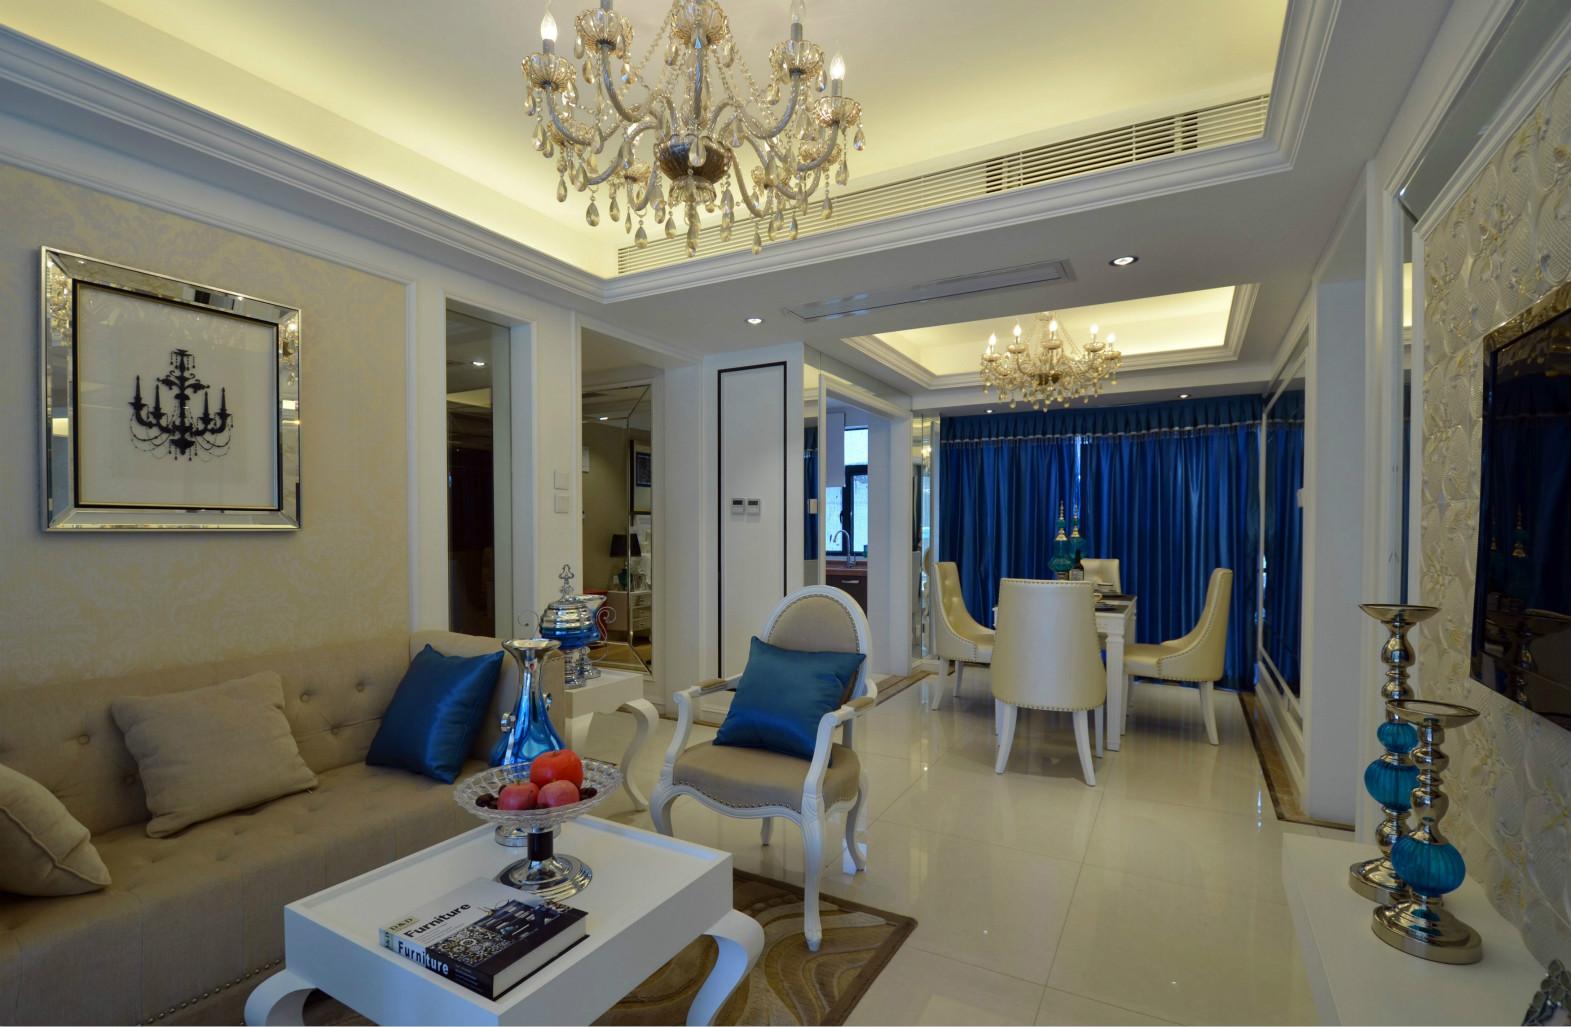 餐厅位于客厅的一侧,客厅厅一体式的设计让空间看起来更加的通透宽敞。